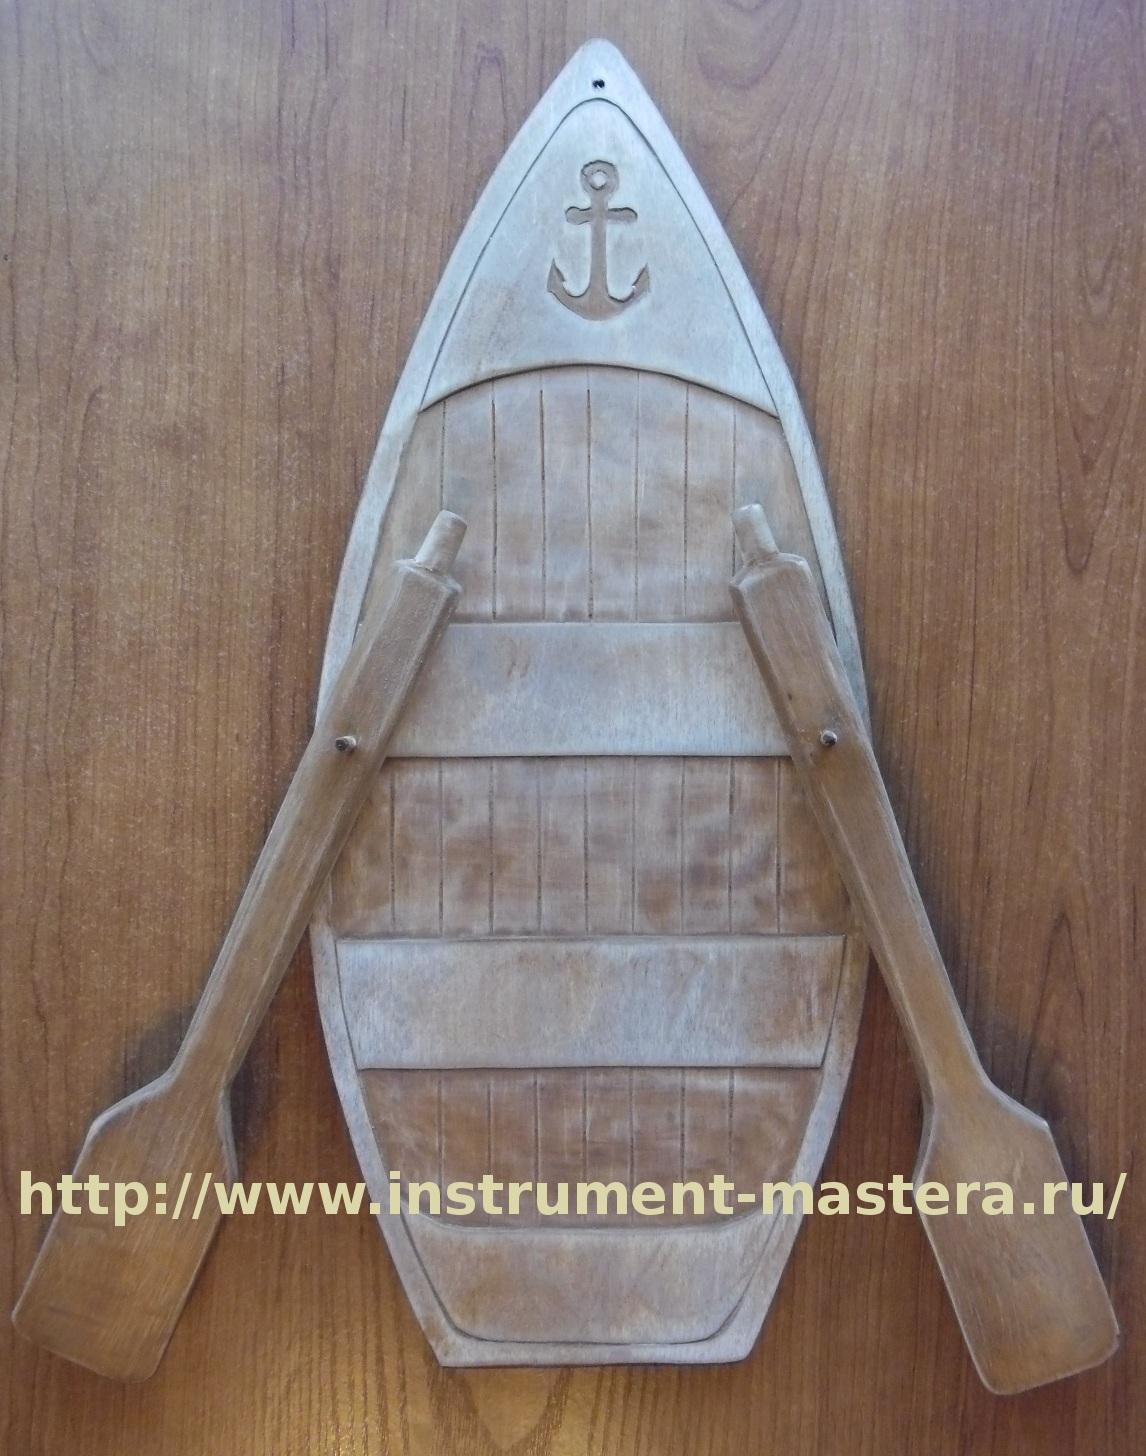 Разделочная доска в виде лодки